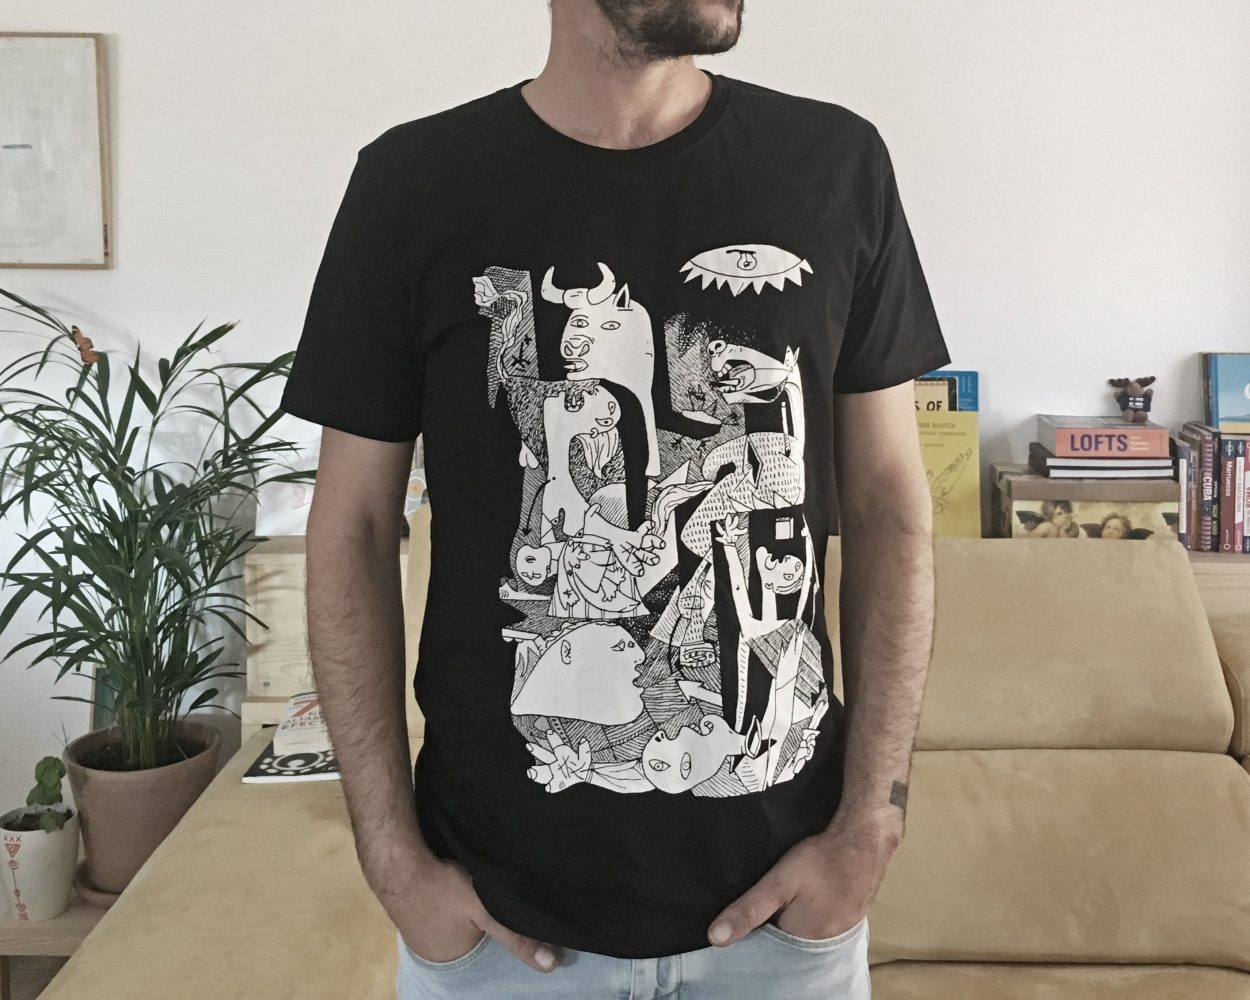 Camiseta negra con la pintura El Guernica del artista Pablo Picasso. Colección: Art remixes. Camiseta ecológica y comercio justo.